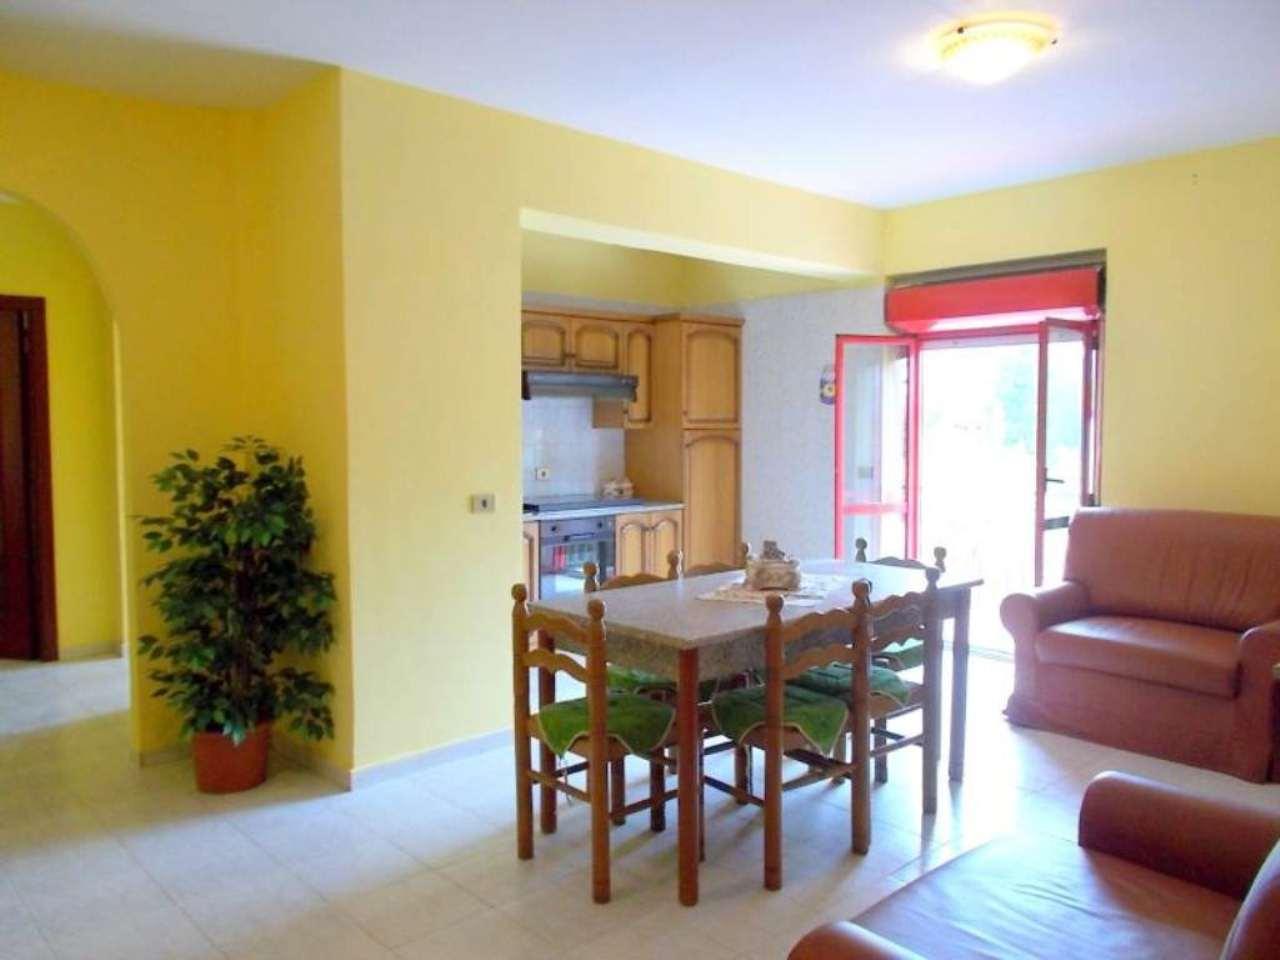 Appartamento in vendita a Arienzo, 4 locali, prezzo € 55.000 | Cambio Casa.it